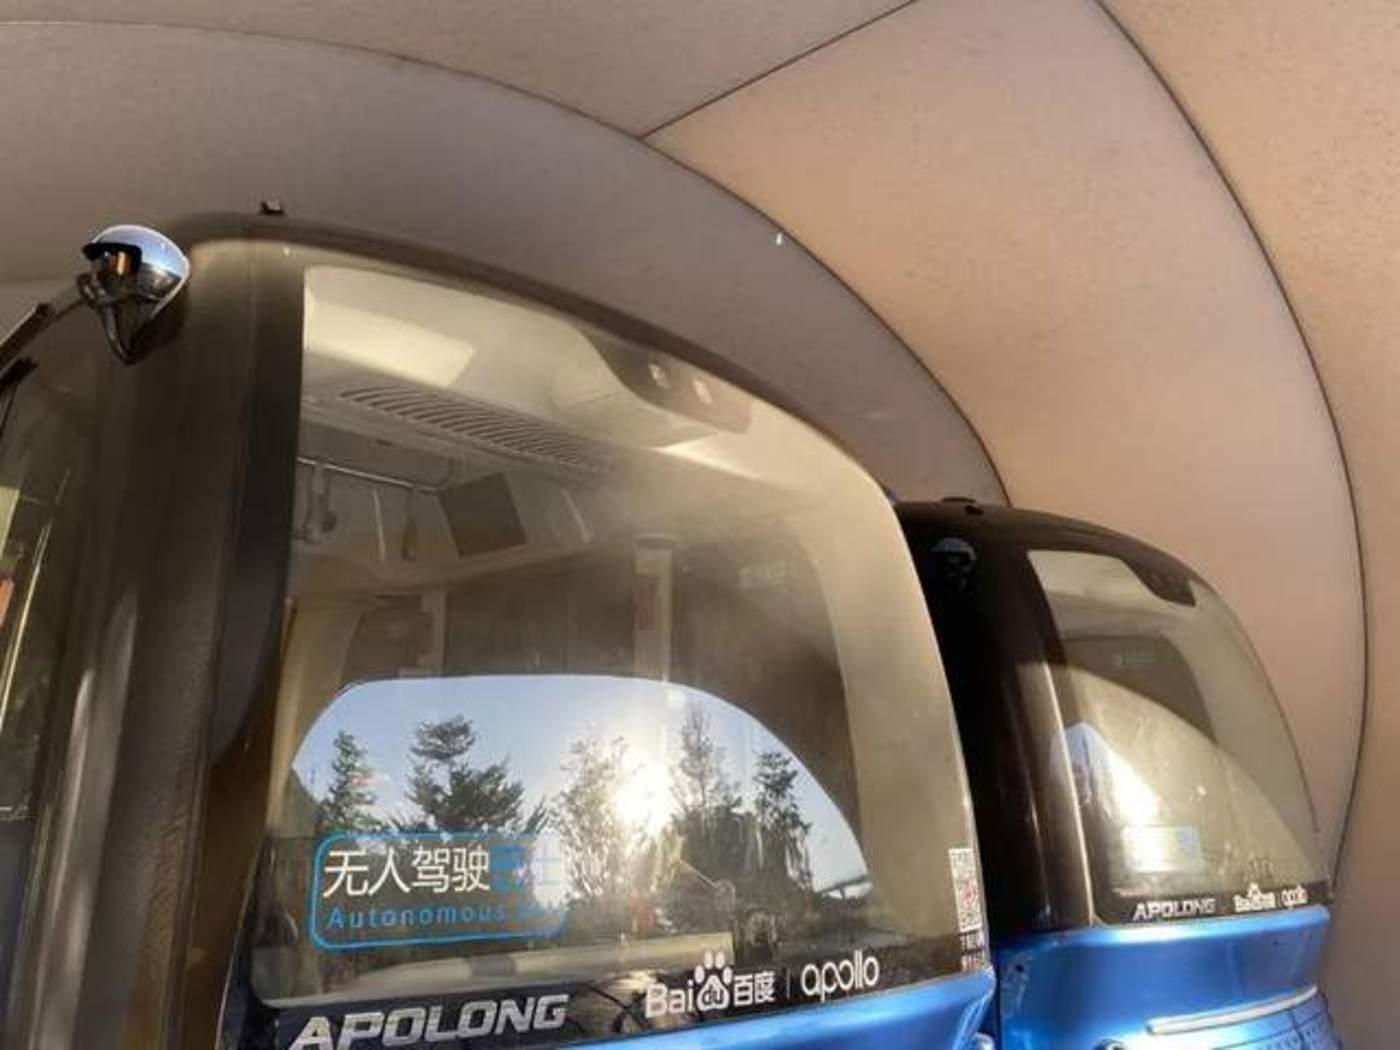 百度旗下的apolong无人驾驶汽车, 2020年11月26日,福州。